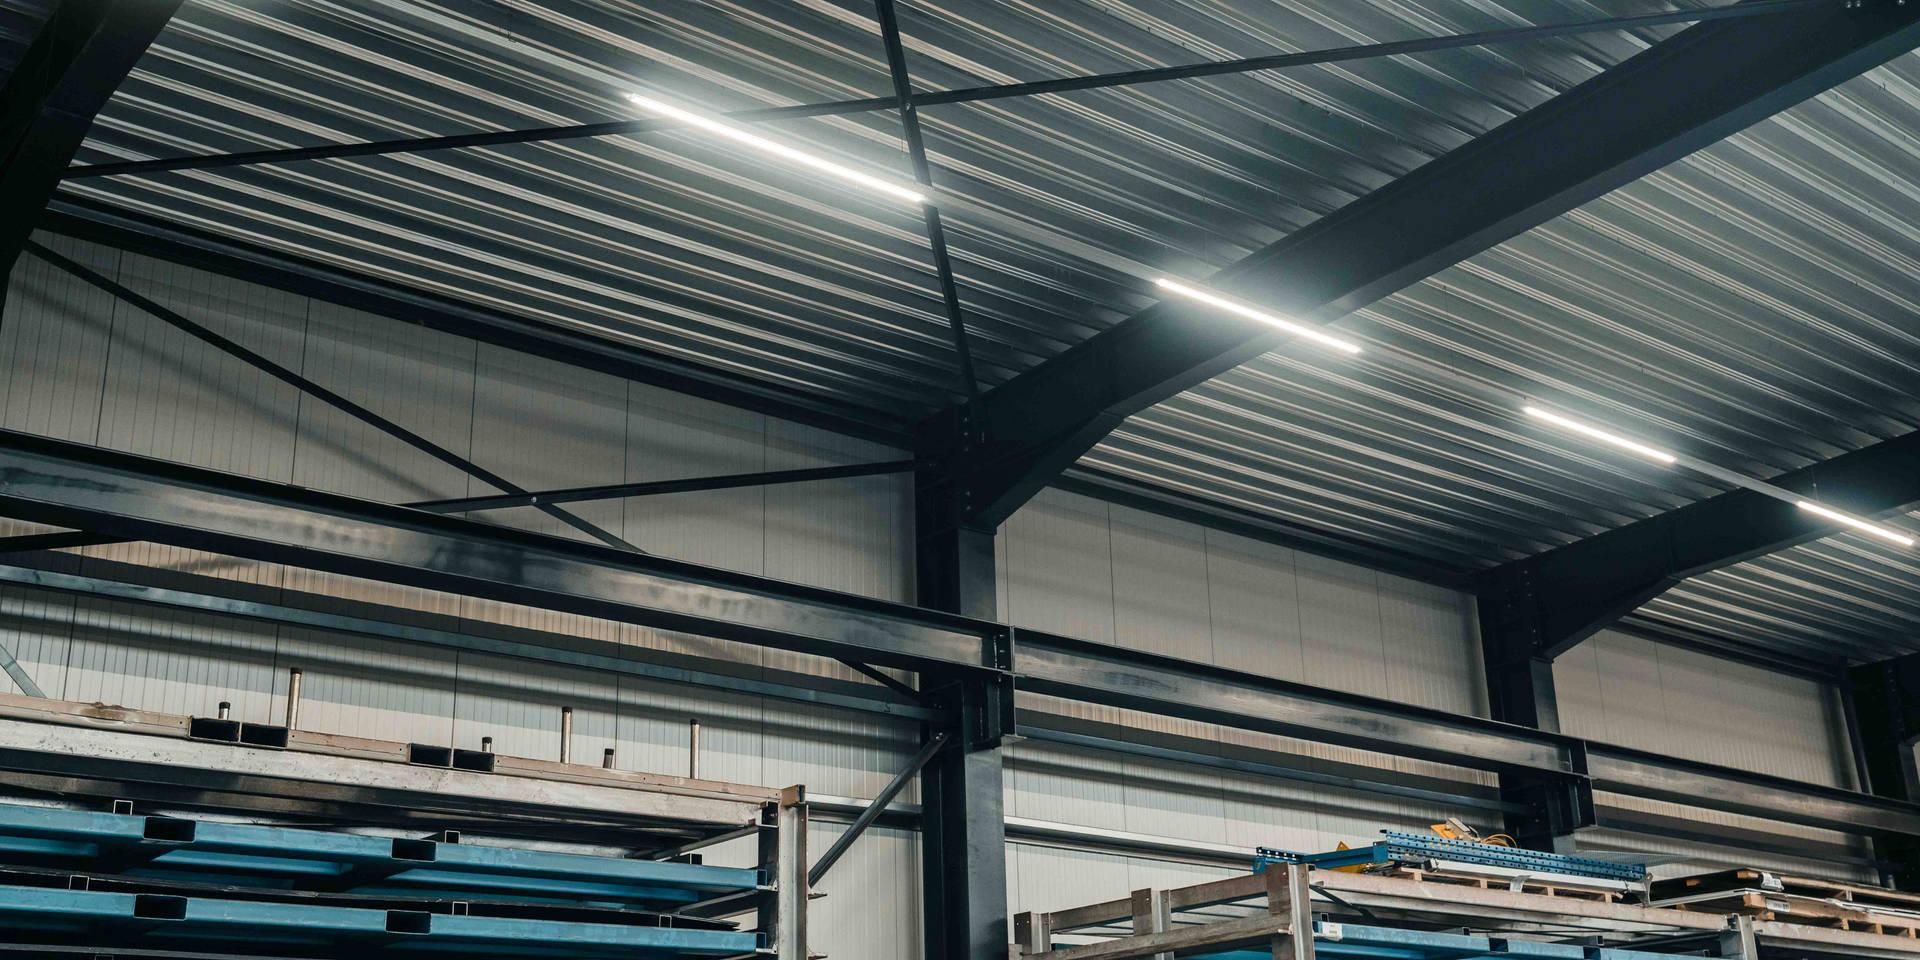 Stahlhalle, Fachwerkträger, Werkstatt New Laser, Flachdach Tragschalen, PIR Wandpaneele Sandwichplatten, Lichfirst Tageslicht, Sektionaltore